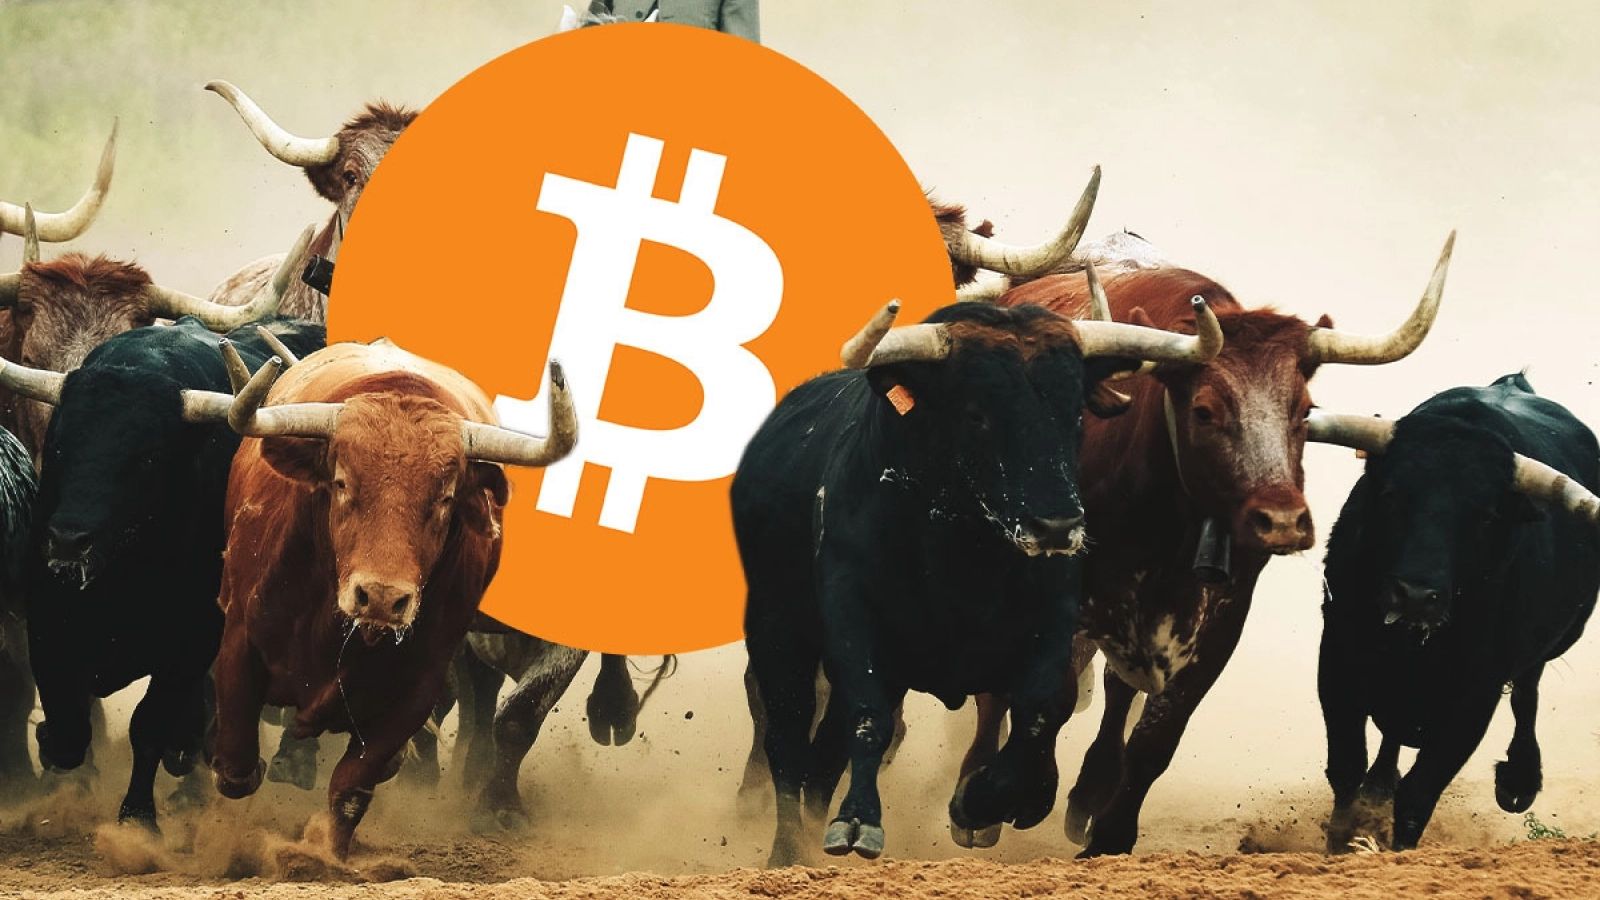 Boğa Piyasası Sinyali Geldi Bitcoin BTC Yarılanma Sonrası Göz Kamaştırıyor